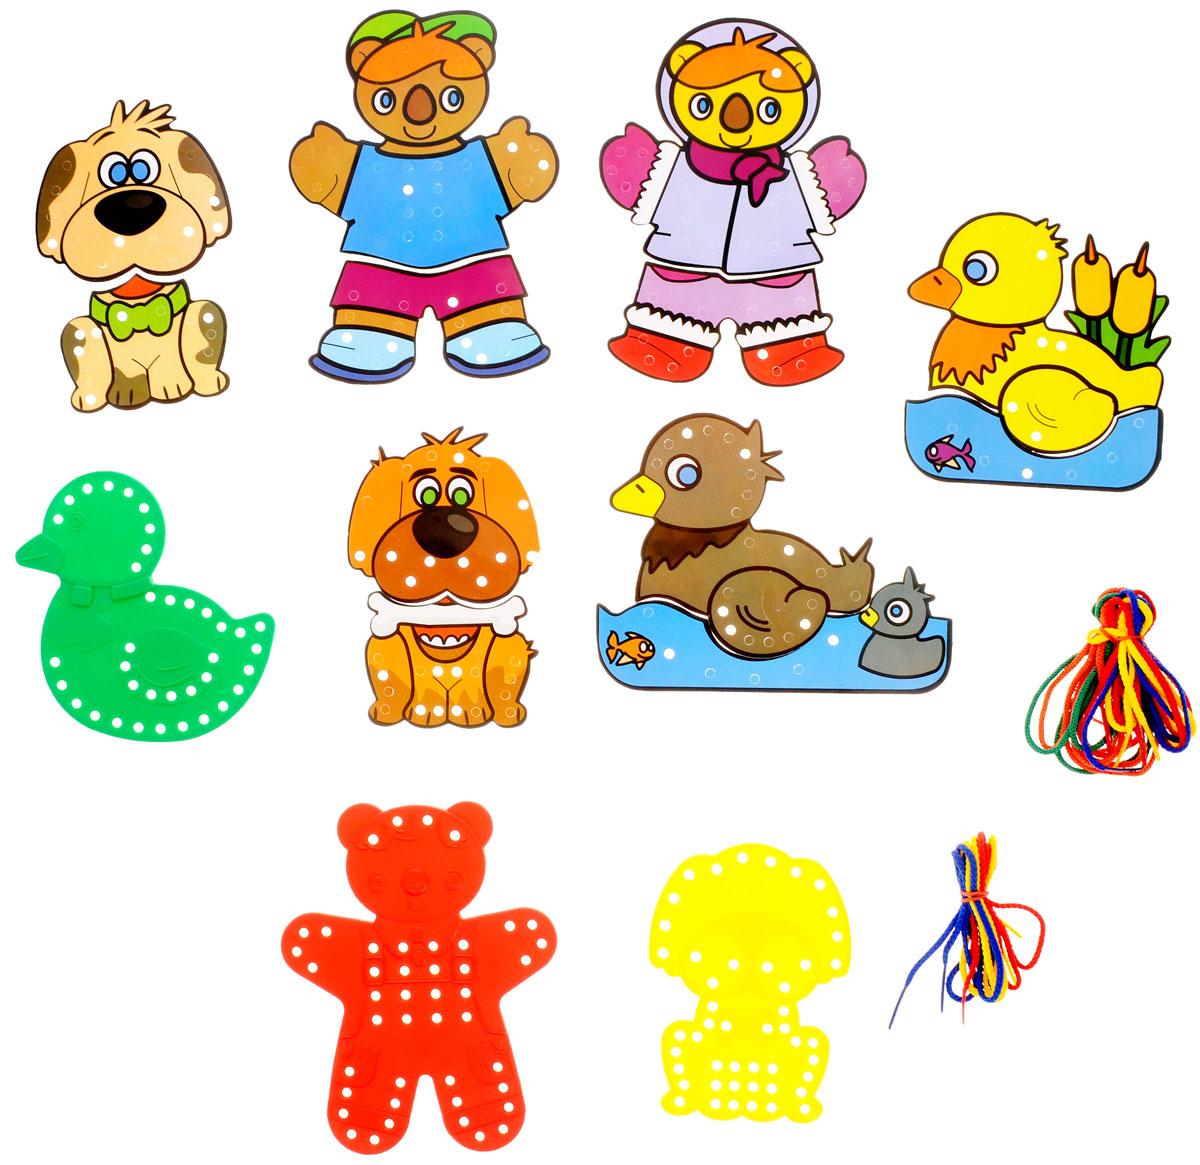 Miniland Игра-шнуровка Животные Собака утка медведь31794_собачка, утка, медвежонокИгра-шнуровка Miniland, несомненно, привлечет внимание вашего малыша. Вместе с пластиковыми основами в виде уточки, медвежонка и собачки игра включает дополнительные разноцветные элементы разной формы, которые накладываются на основы и прикрепляются с помощью цветных шнурочков. Для каждого элемента предусмотрено свое место, которое должен определить малыш. Занимательная игра-шнуровка помогает малышам развить моторику рук, зрительный аппарат, логическое мышление и фантазию. В комплект входят три пластиковые основы, 9 цветных шнурочков и 12 ярких элементов, которые позволят создать забавные и неповторимые образы зверюшек. Игра поставляется в удобном картонном чемоданчике с ручкой.